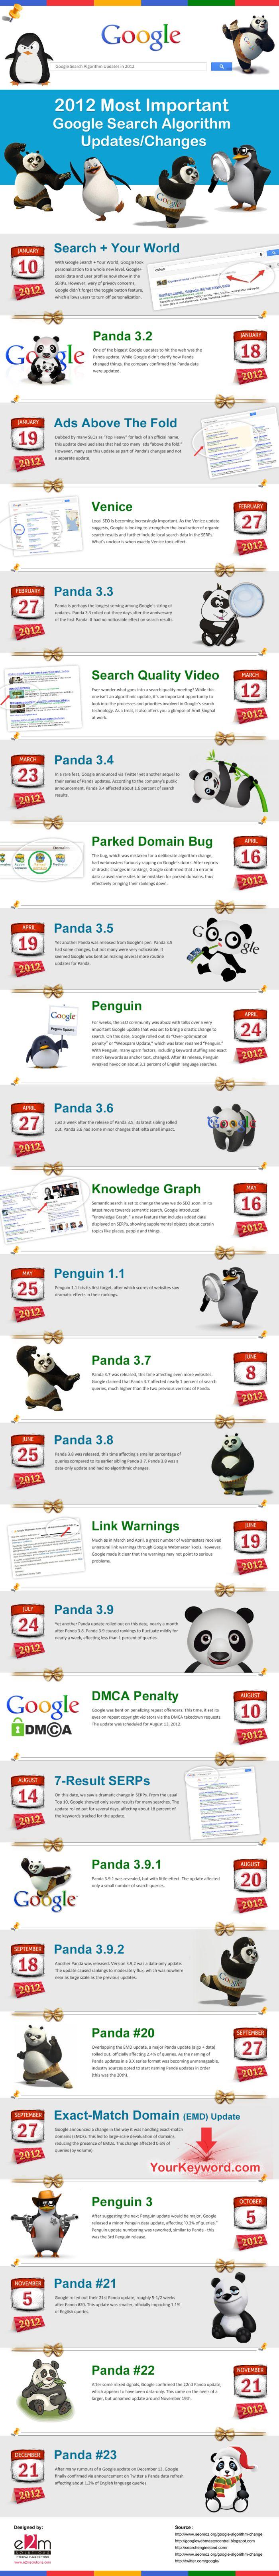 Les mises à jour de l'algorithme de Google en 2012